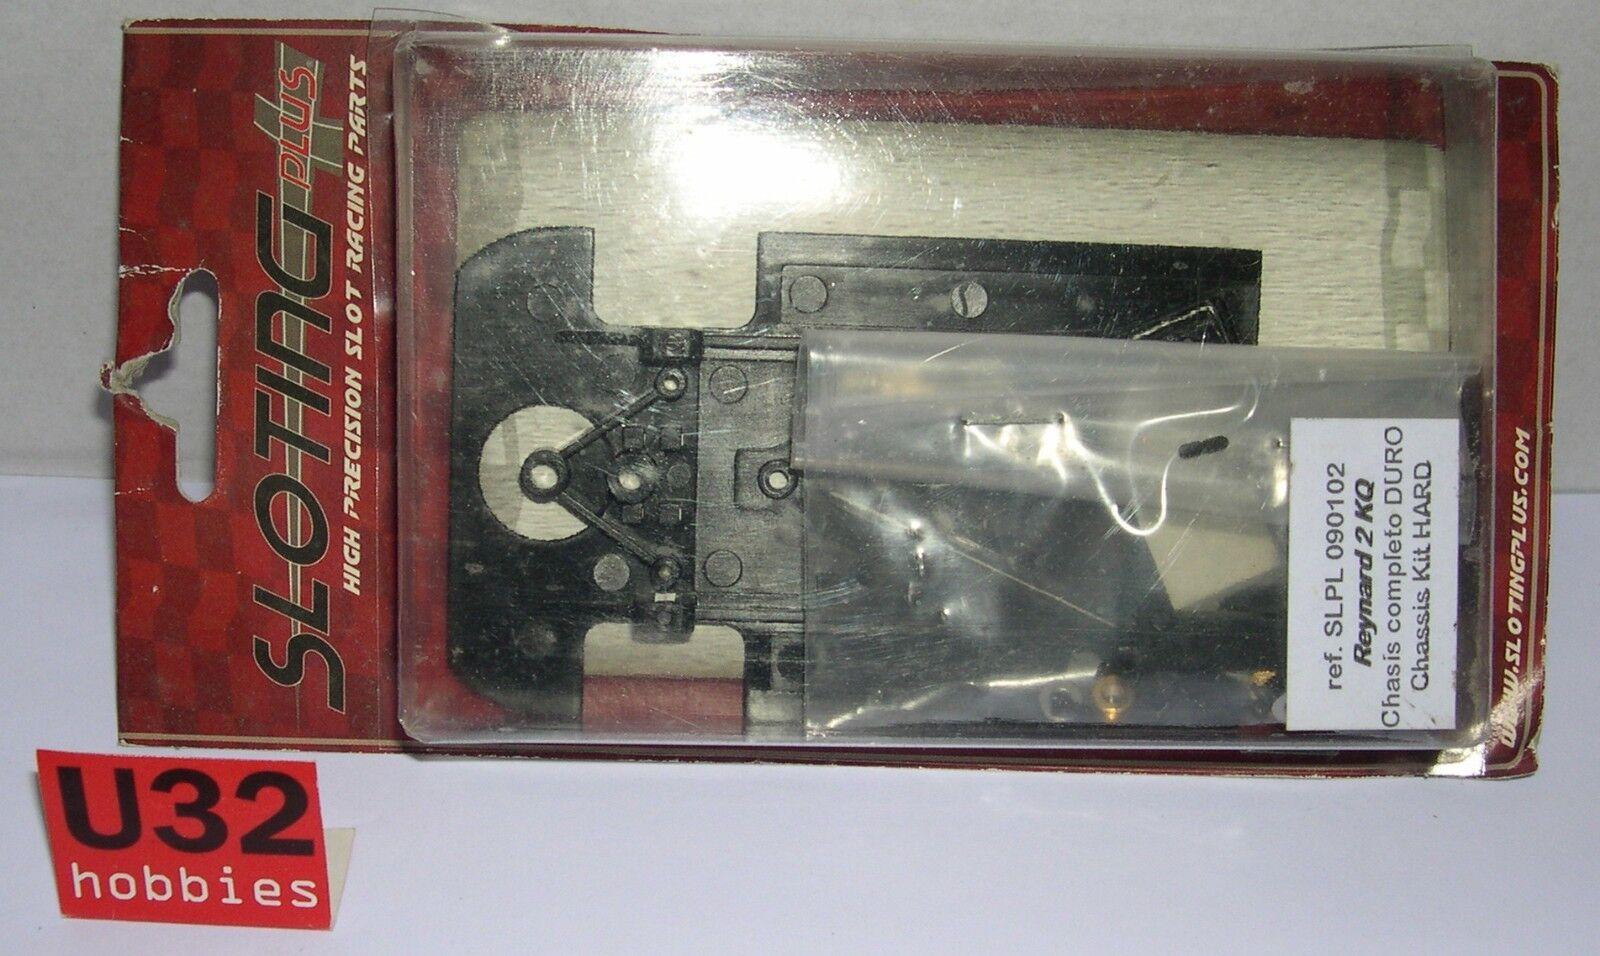 SLOTING PLUS SLPL-090102 CHASSIS REYNARD 2 KQ HARD IN BLISTER